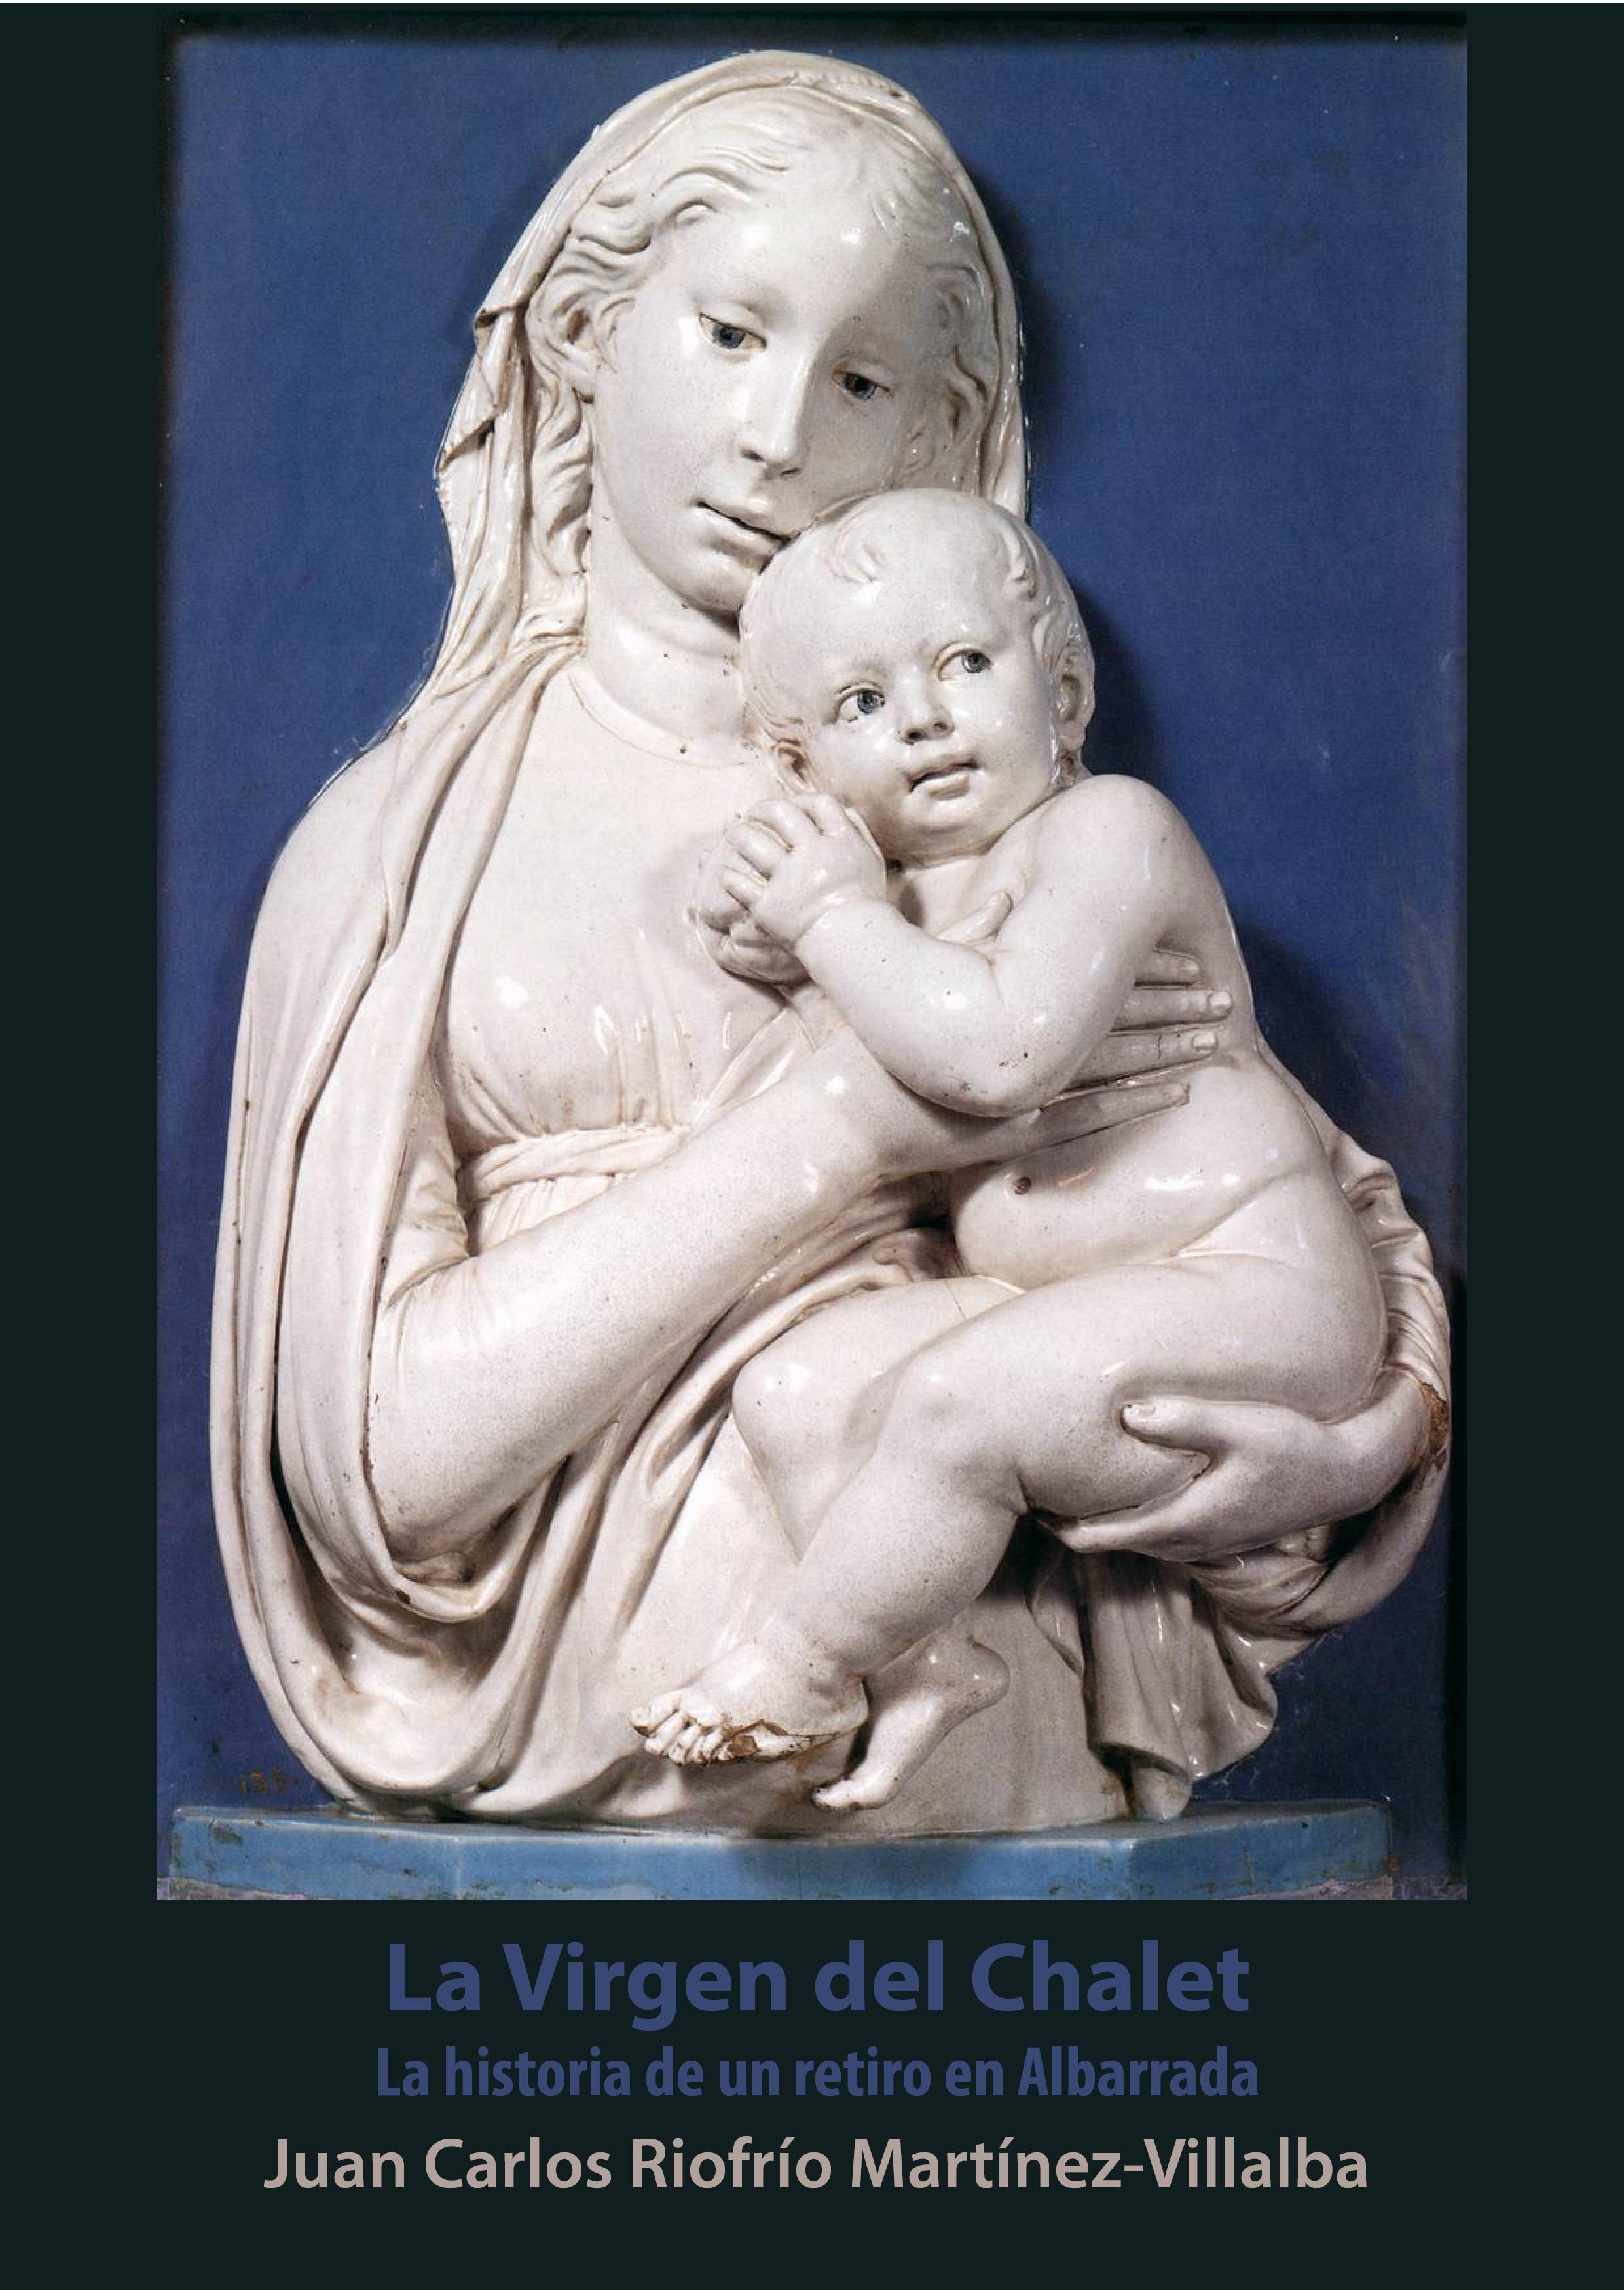 La Virgen del Chalet. La historia de un retiro en Albarrada Juan Carlos Riofrío Martínez-Villalba